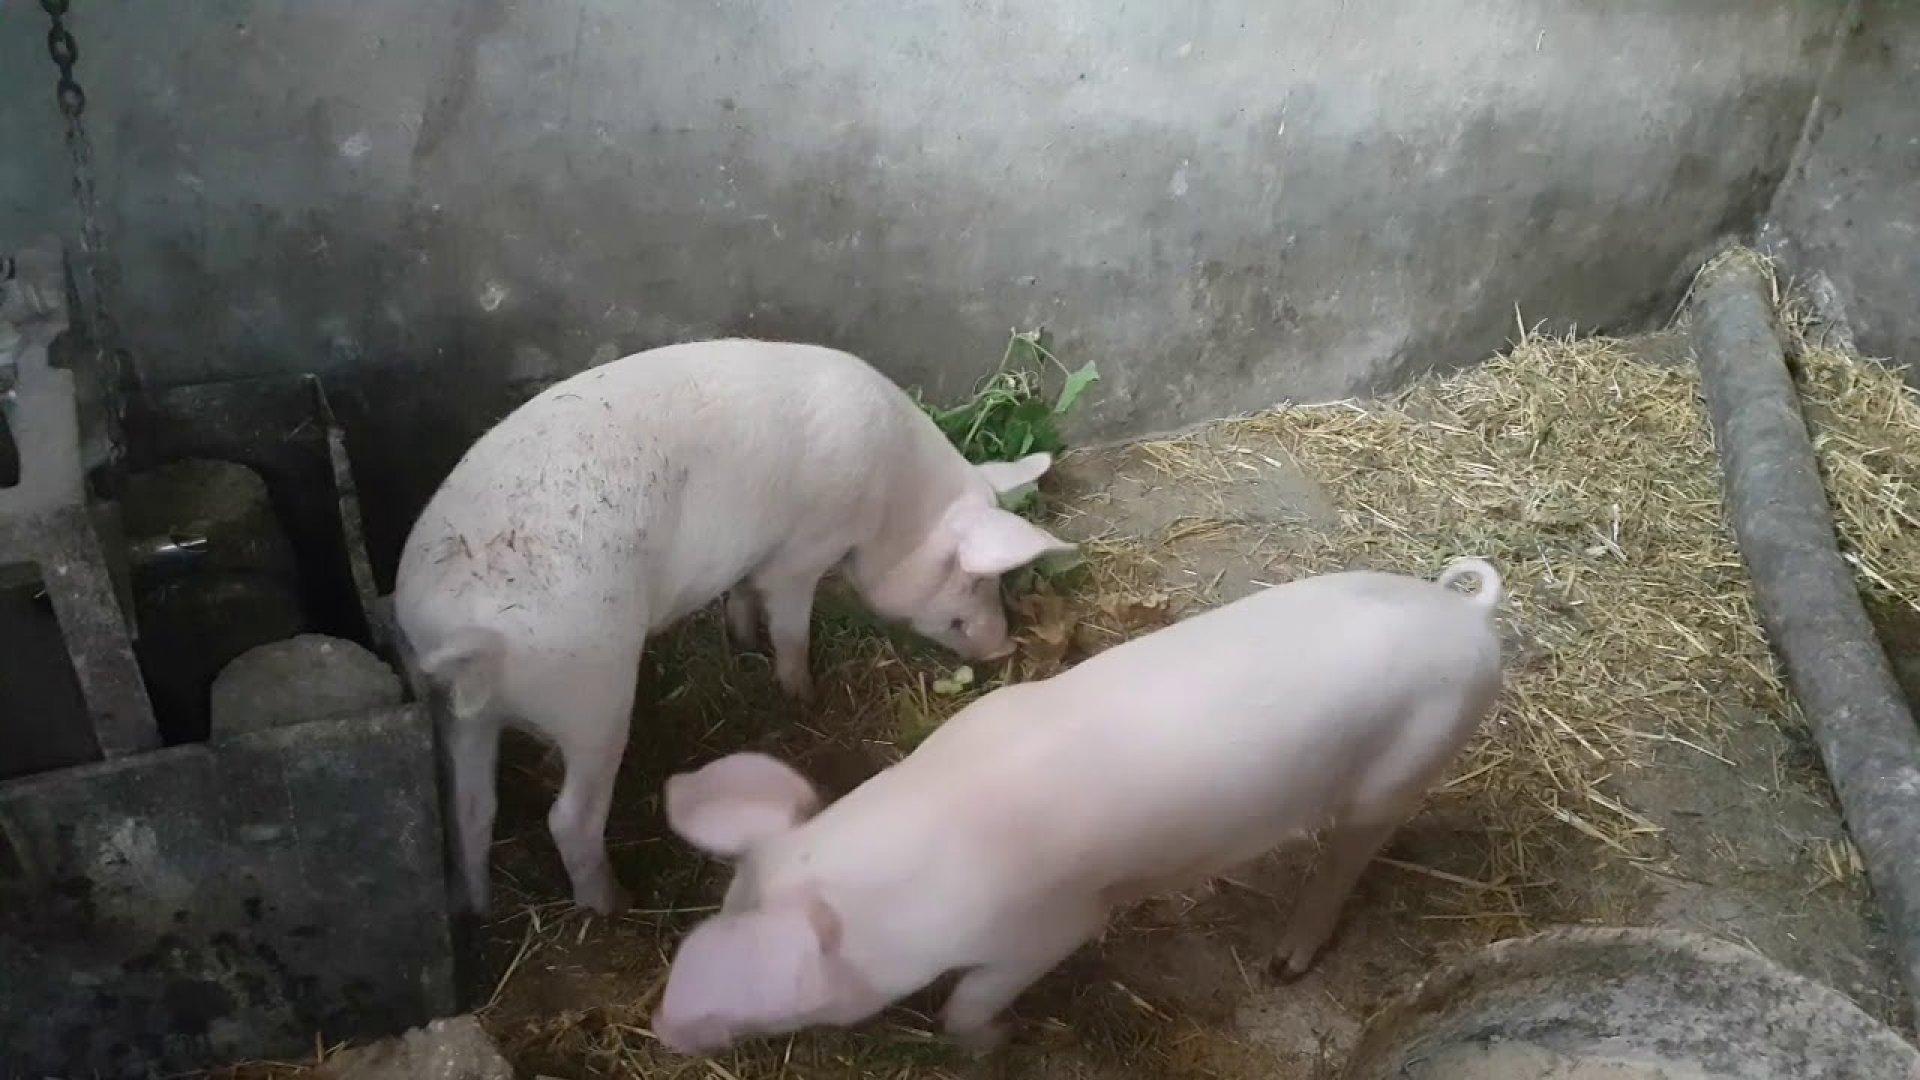 Мерките се вземат, за да се спре разпространението на болестта африканска чума по свинете